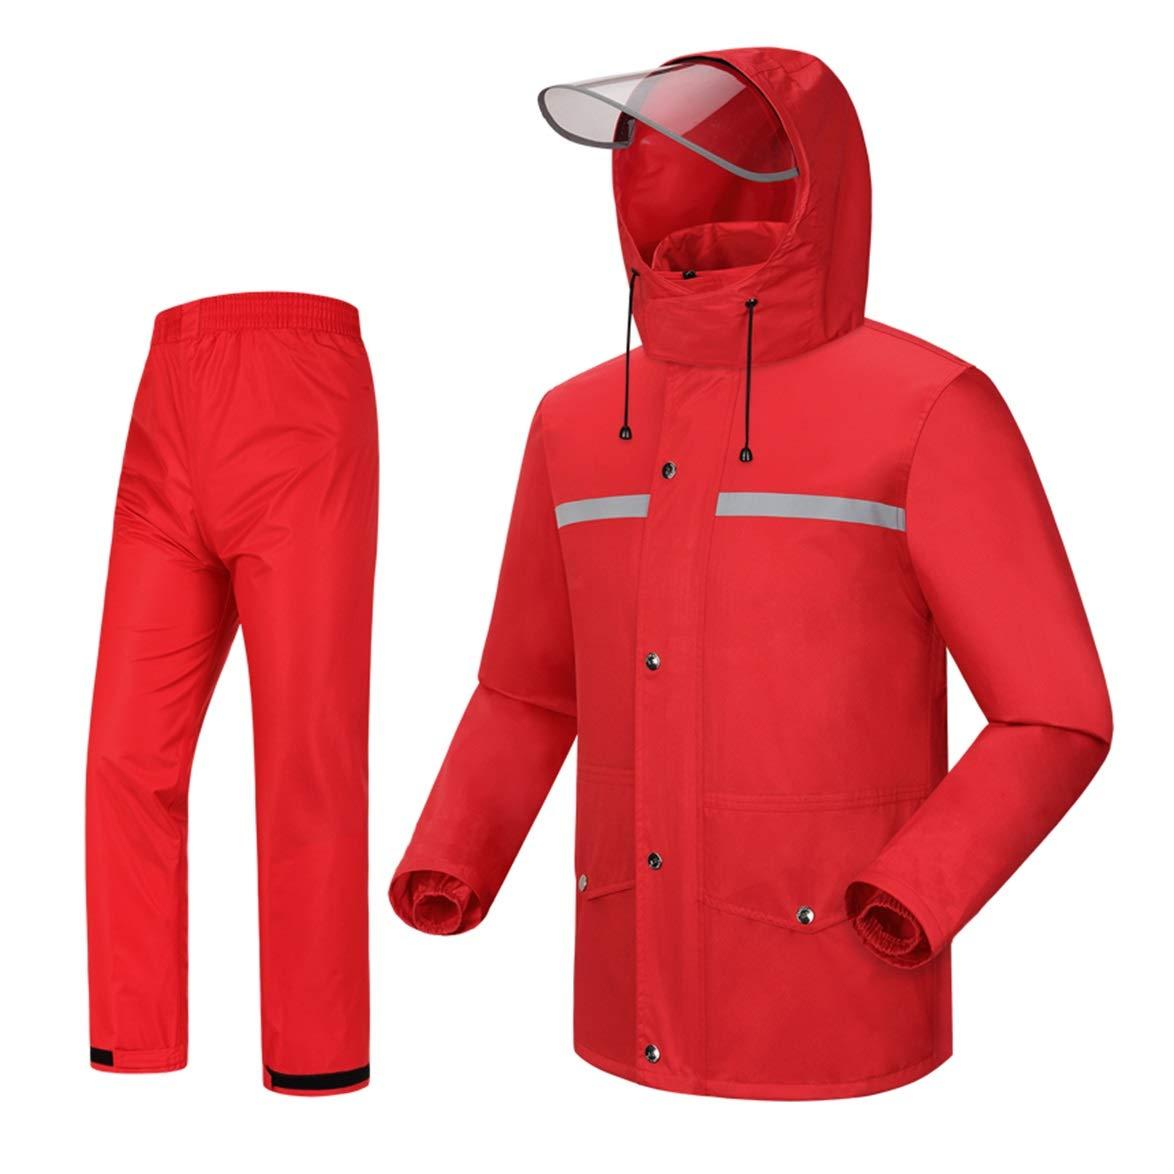 LAXF-Regenbekleidung Regenmantel mit Kapuze, Regenanzug für Männer wasserdicht Radfahren Motorrad Reiten Golf 2-teiliger Anzug rot